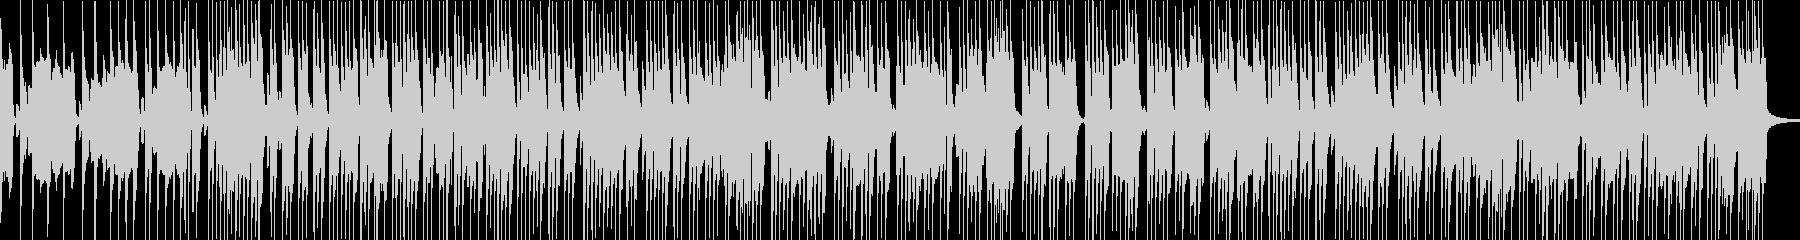 ベースとドラムのみのシンプルなロックの未再生の波形